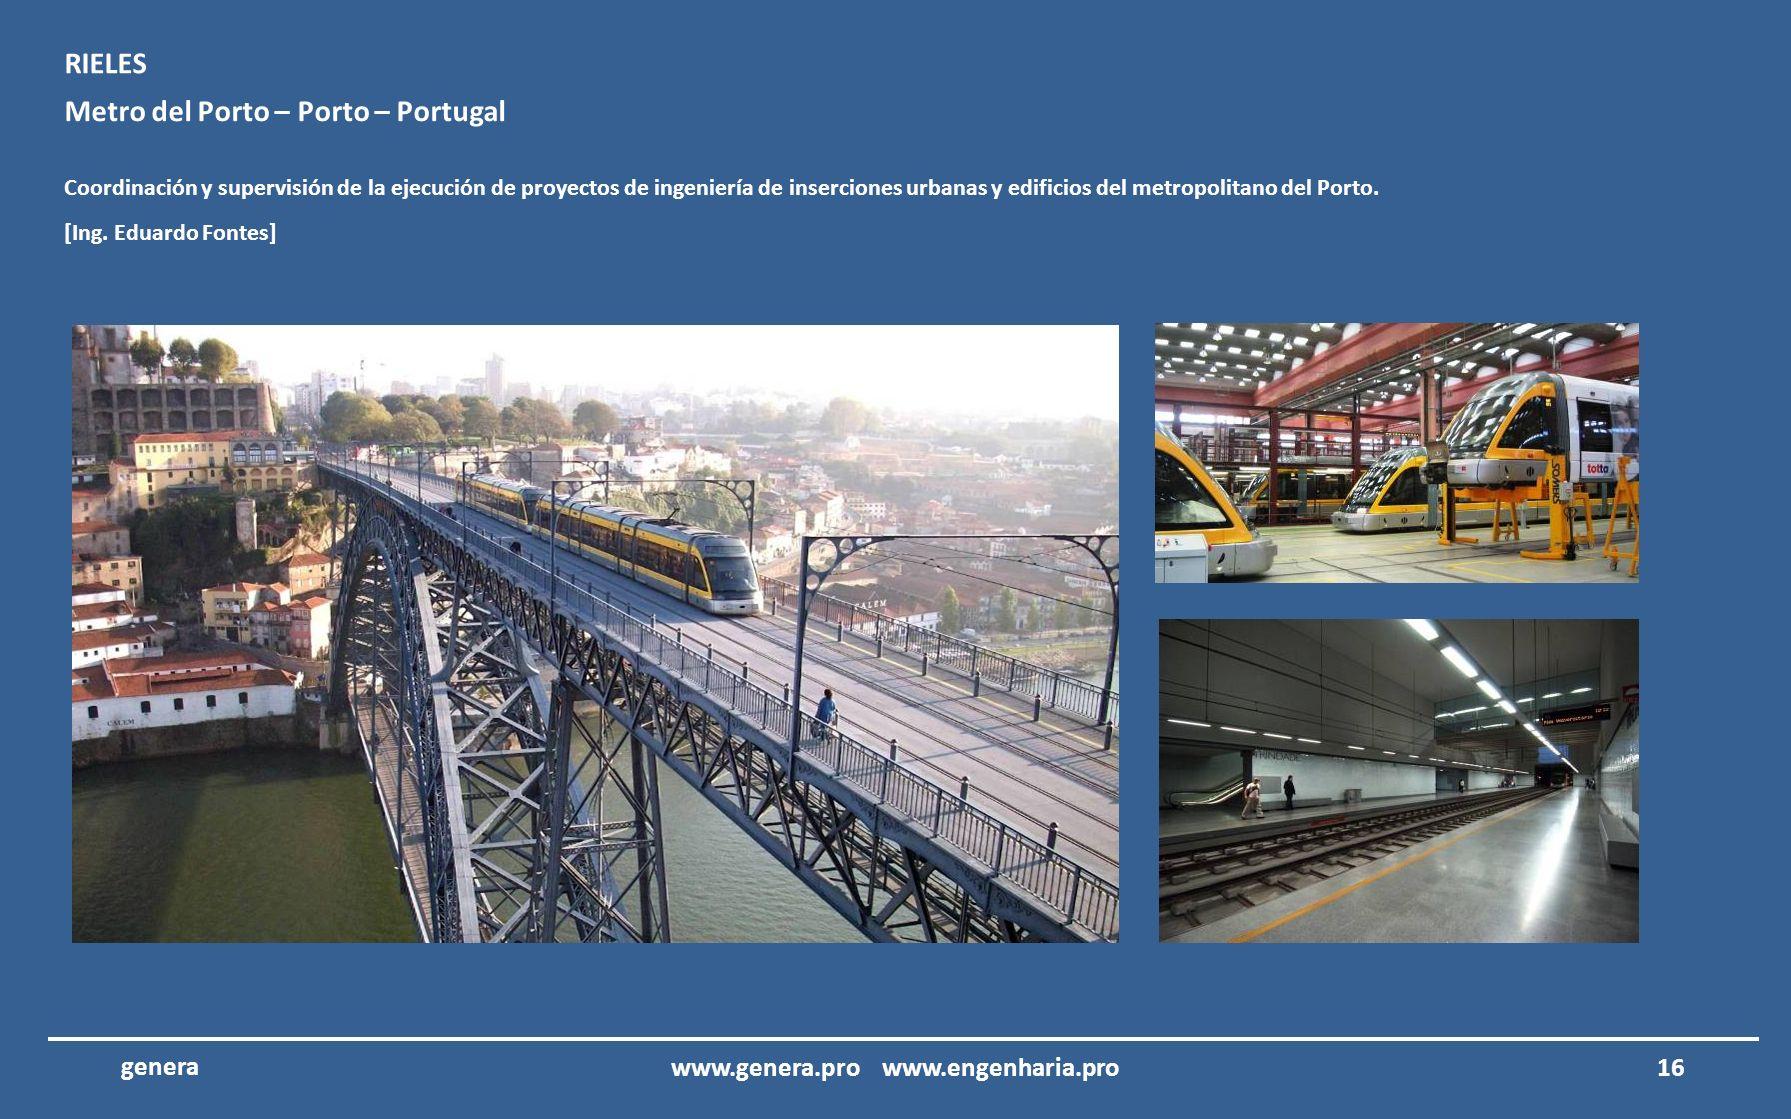 15 genera Hotel Porto Santo – Porto Santo – Madeira Coordinación y supervisión de la ejecución de proyectos eléctricos, telecomunicaciones, seguridad